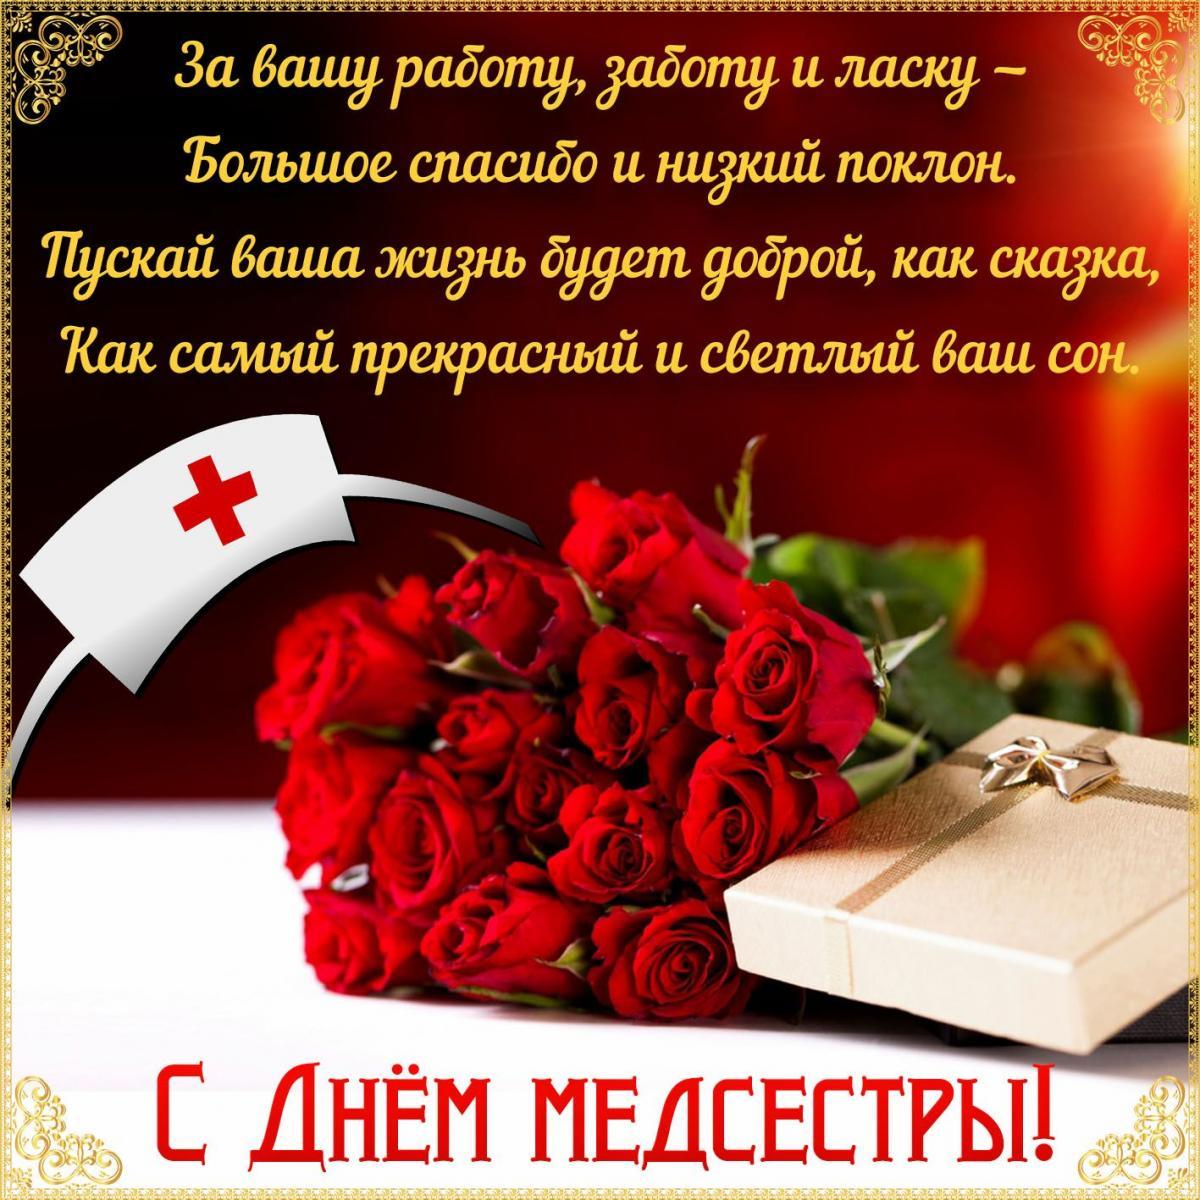 Открытки с Днем медицинской сестры / pinterest.com